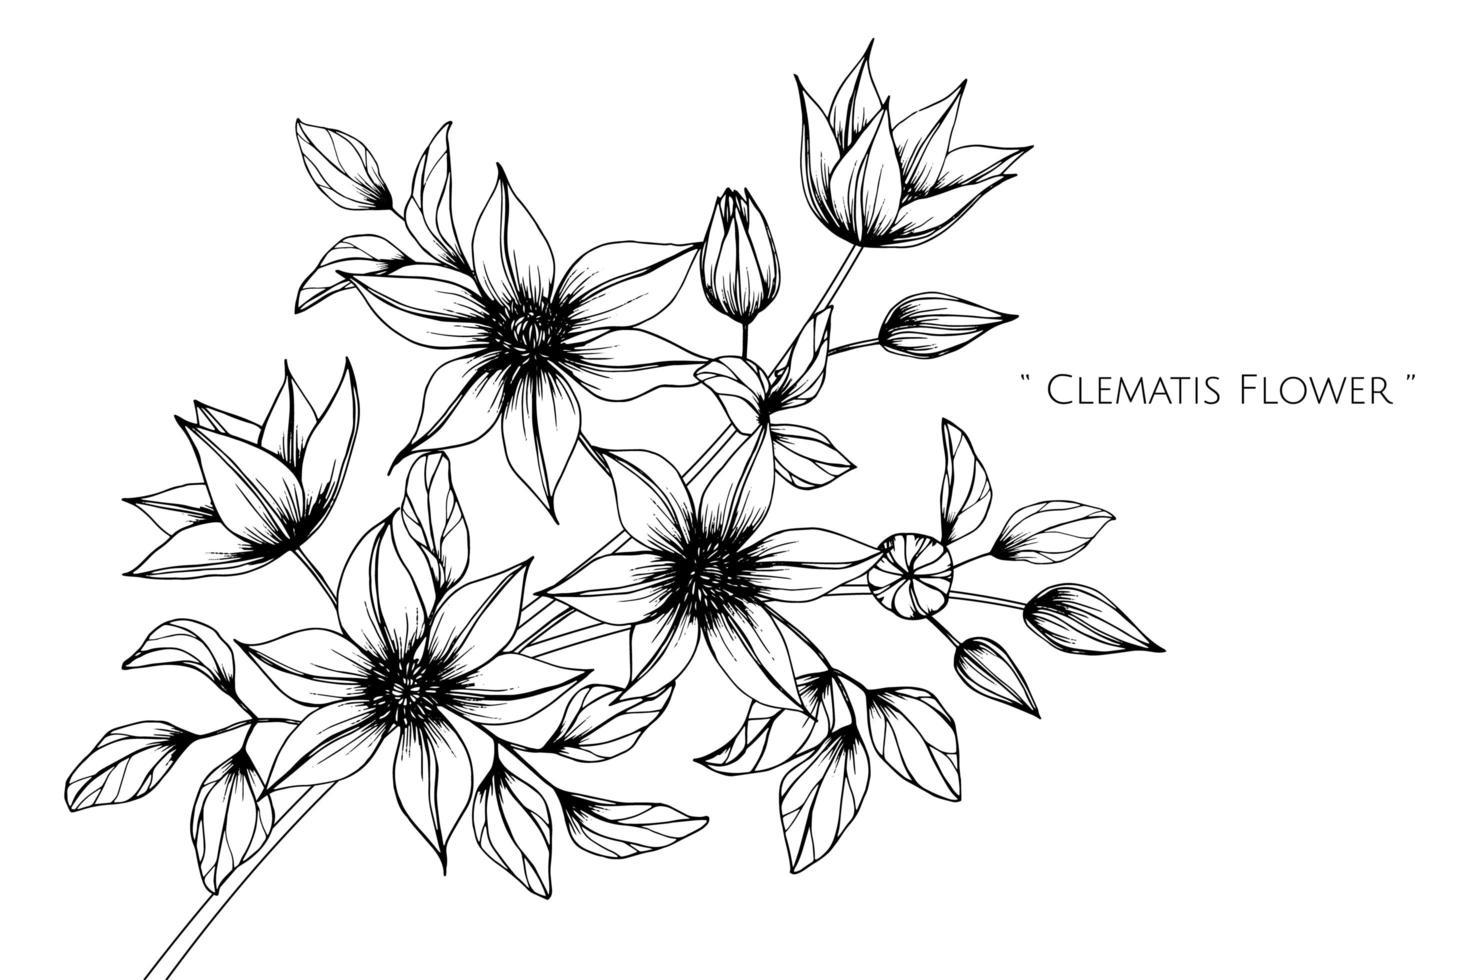 handgezeichnete Clematis Blumen- und Blattentwurf vektor